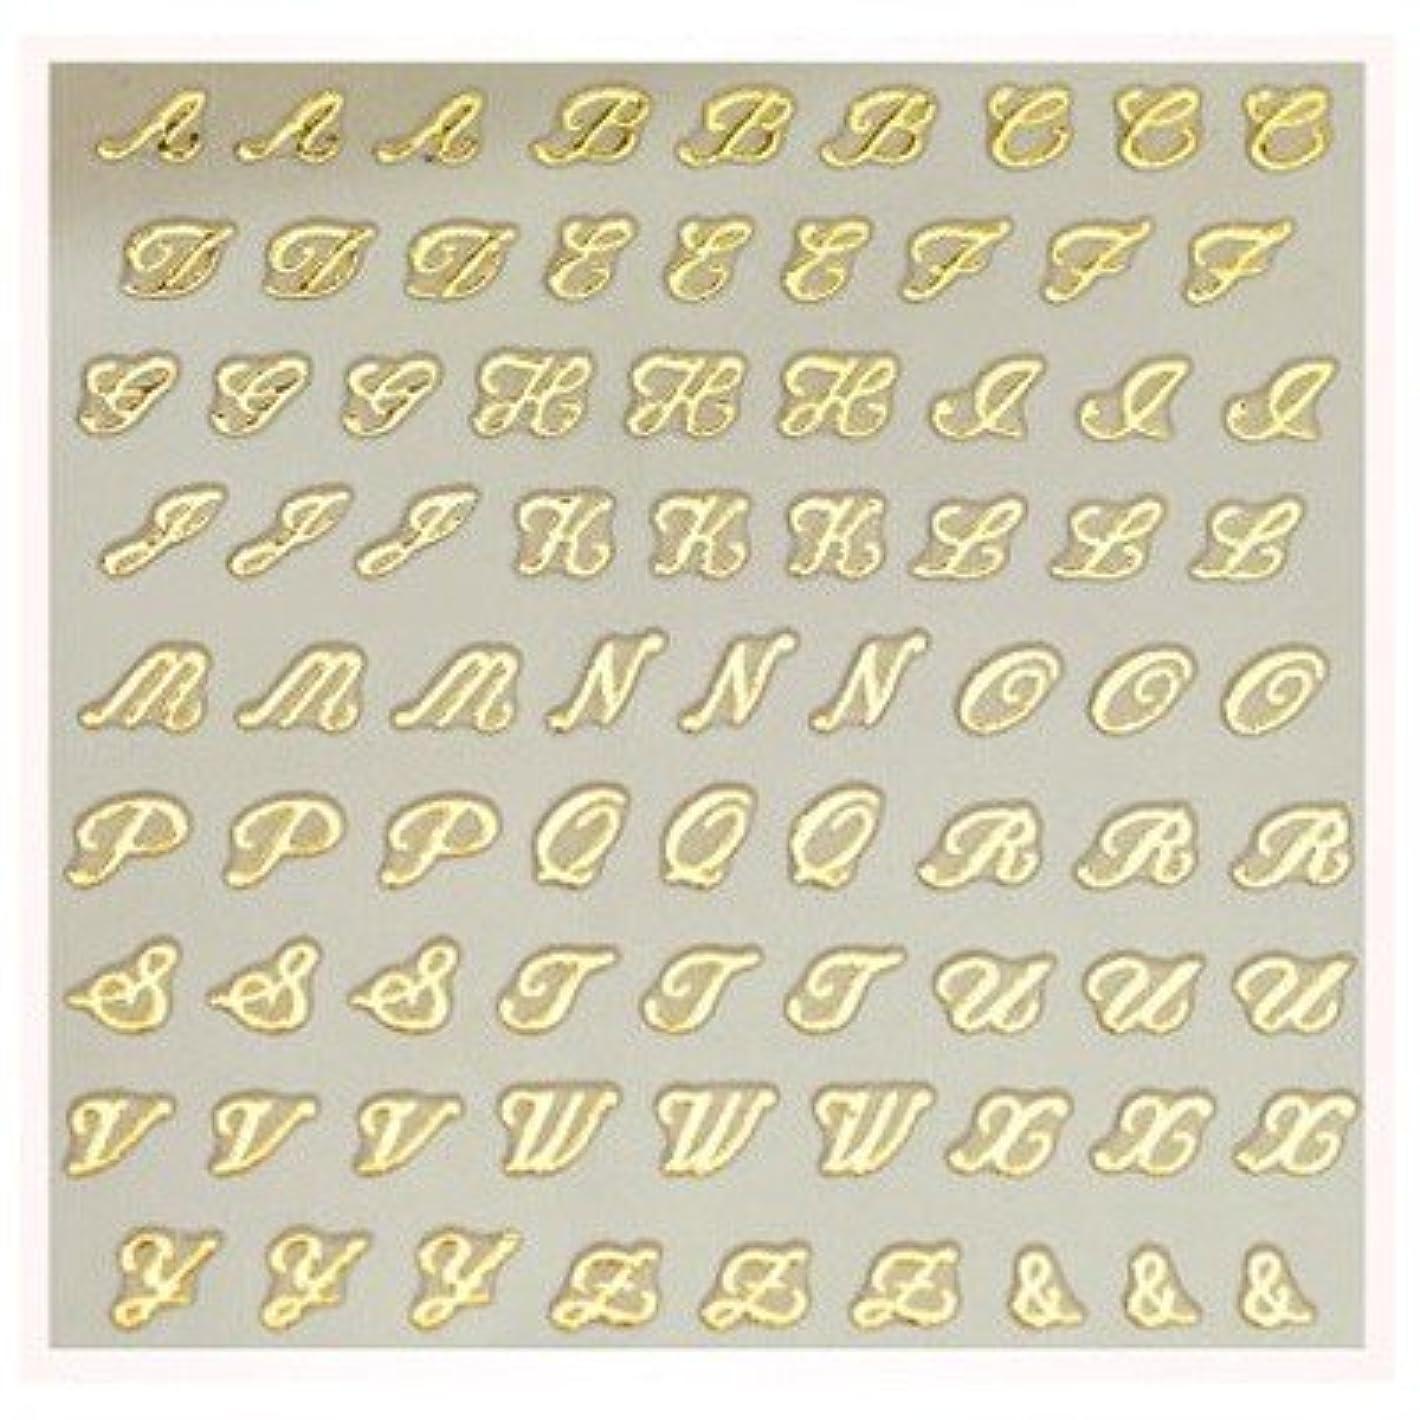 スカープ驚くべき味付け文字ネイルシール アルファベット イニシャル ピアドラ pieadra×BLC ネイルシール ブローチイニシャル 小 ゴールド